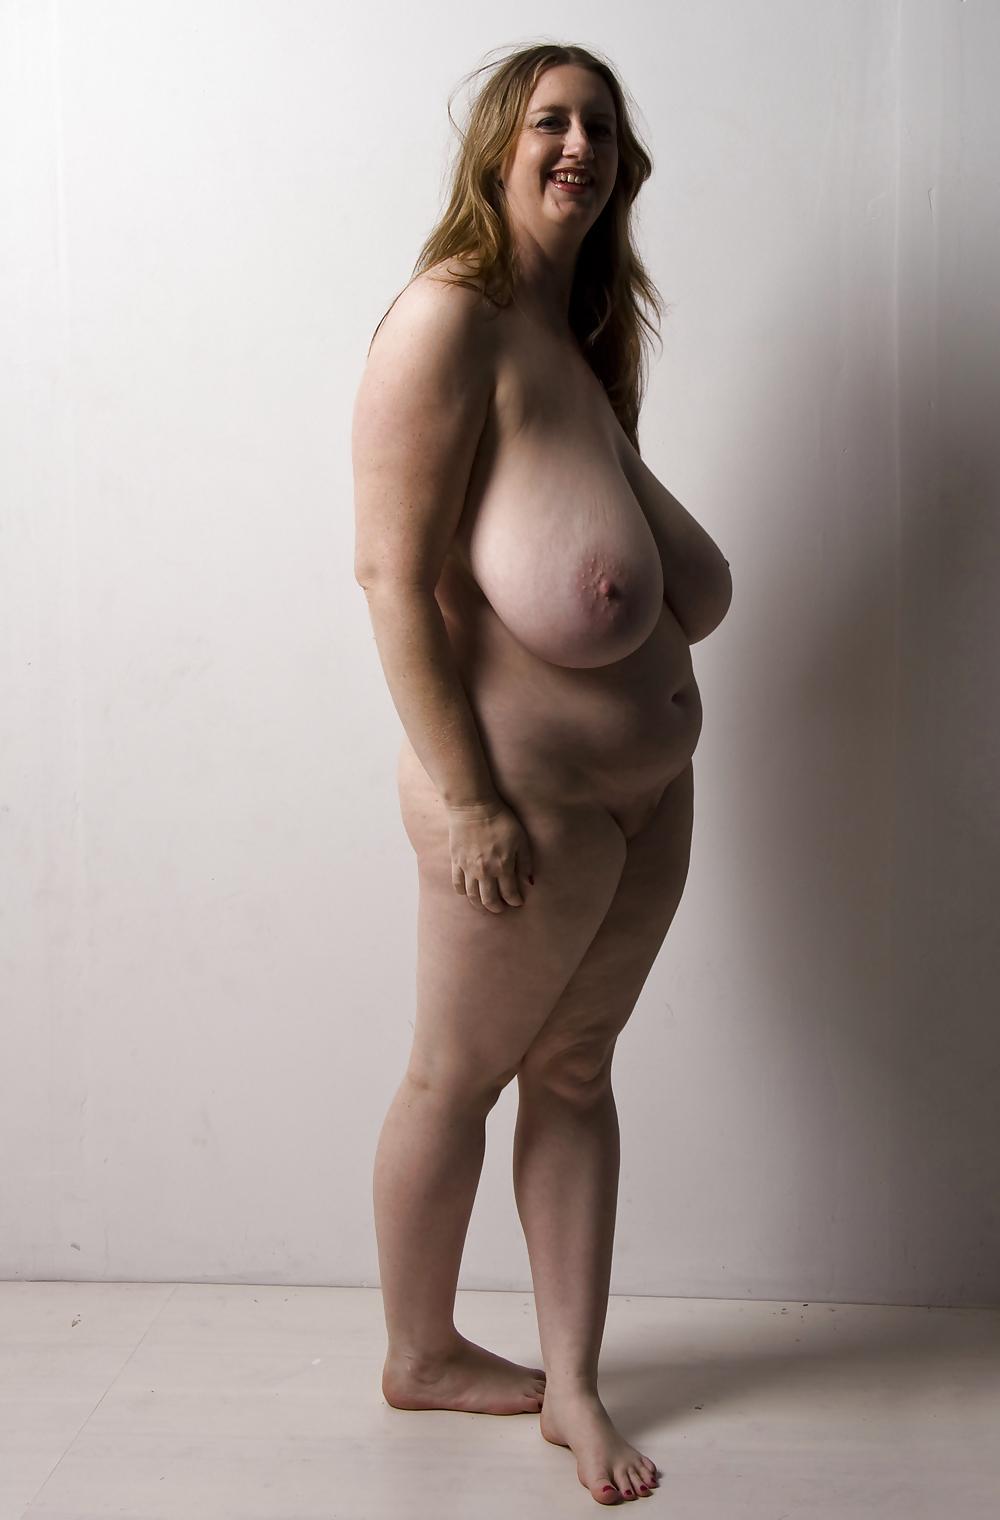 Girls mit großen brüsten